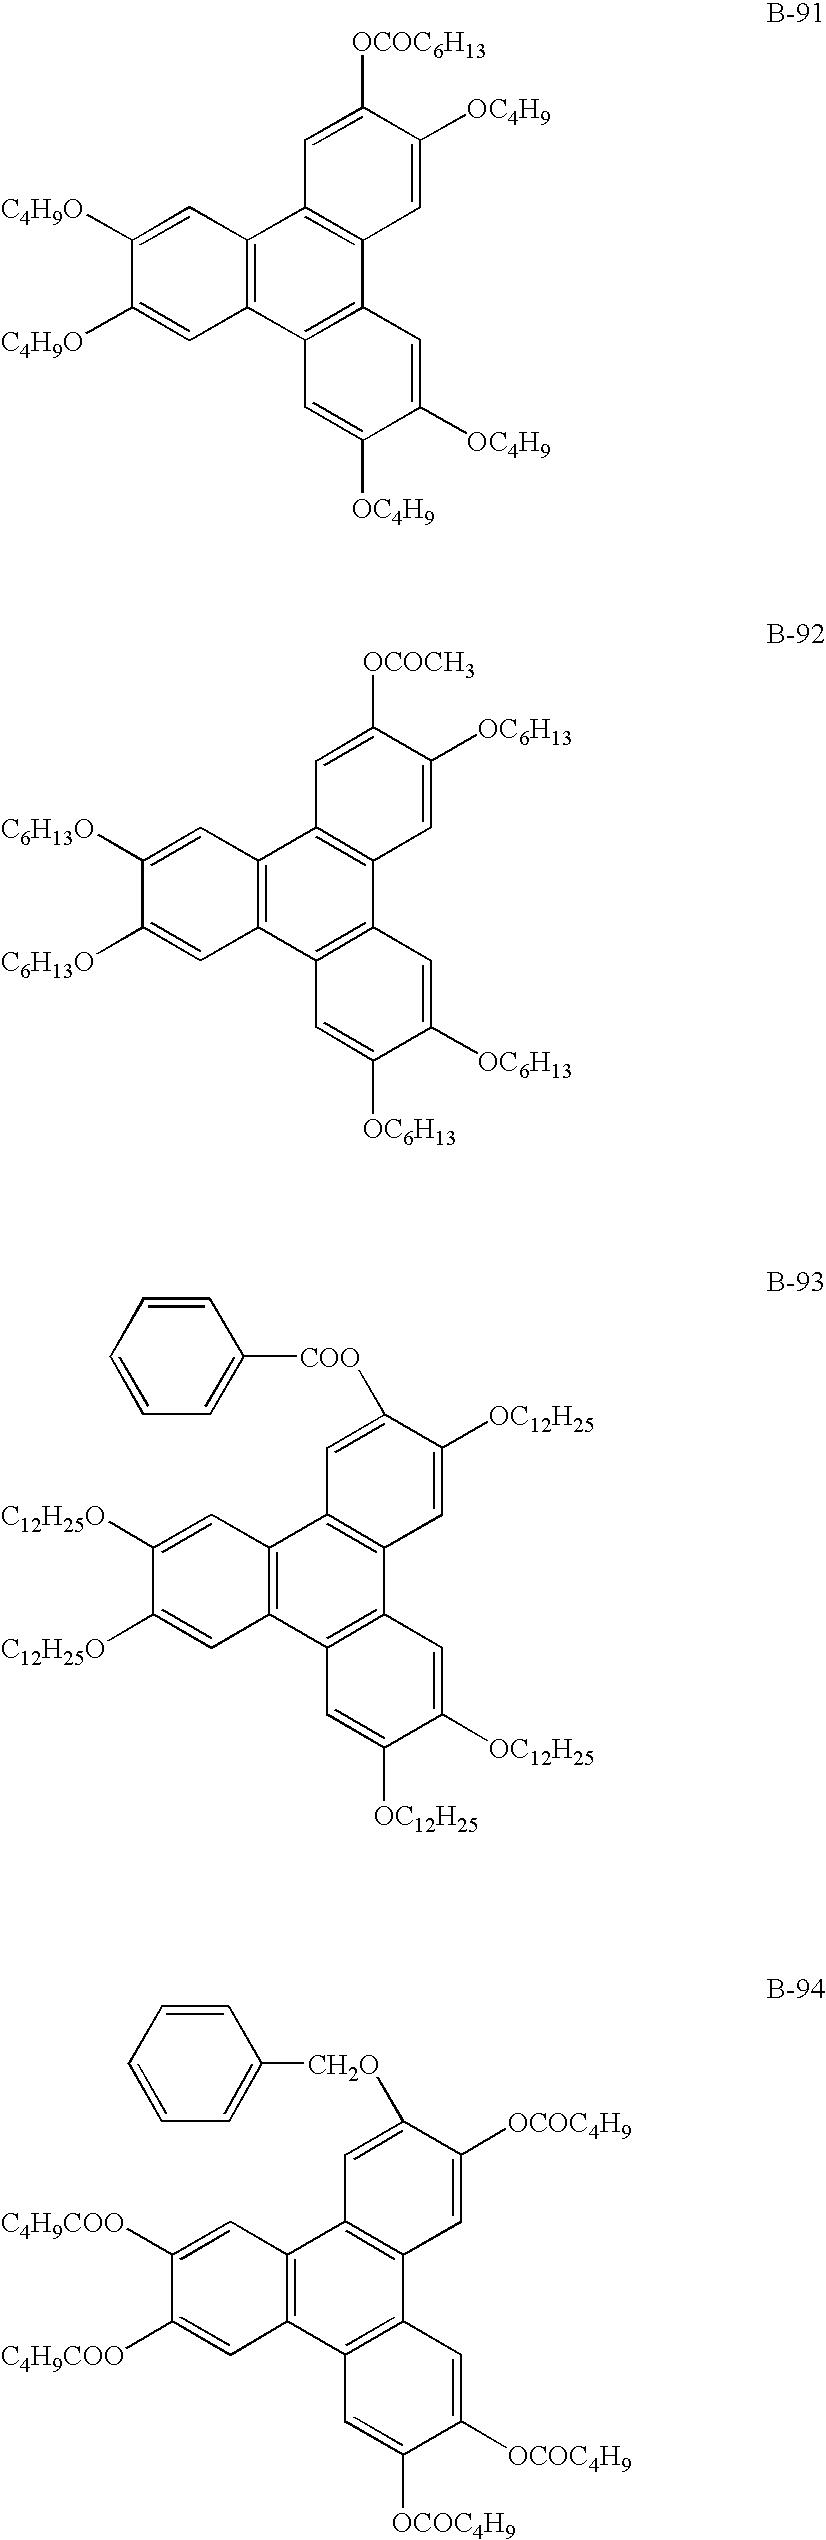 Figure US07105213-20060912-C00016